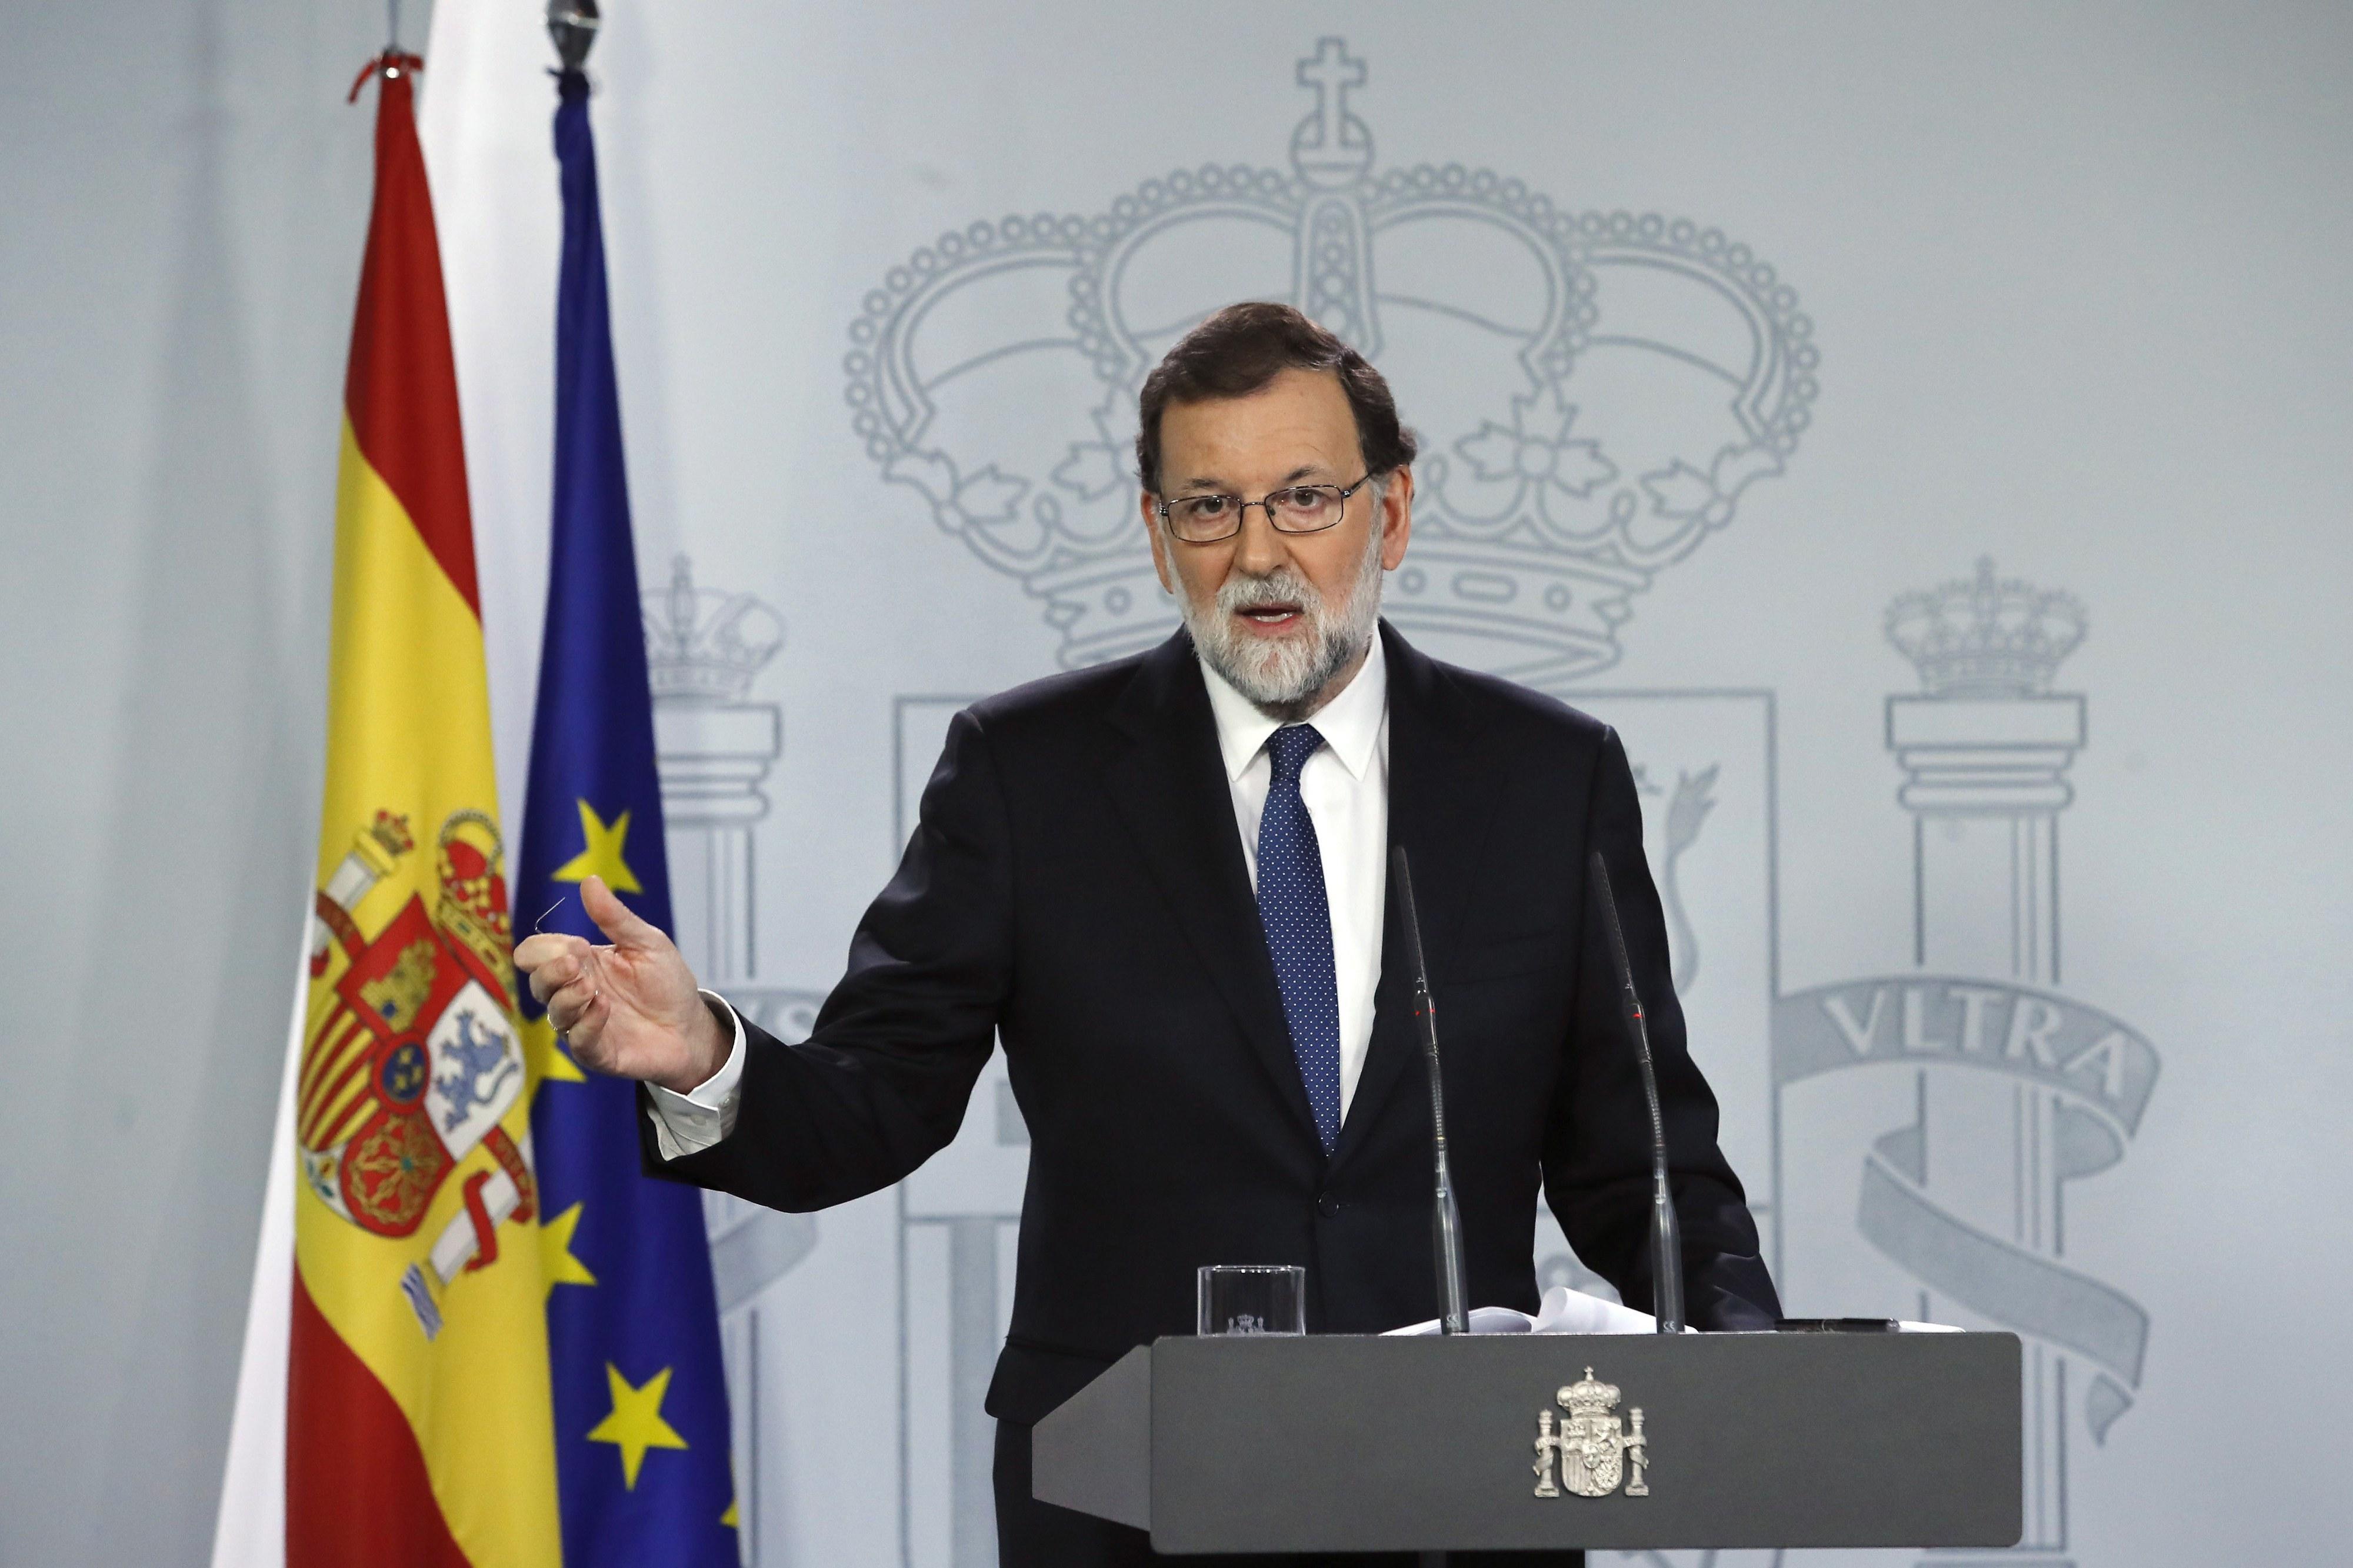 Rajoy pede a empresas que deixem de sair da Catalunha